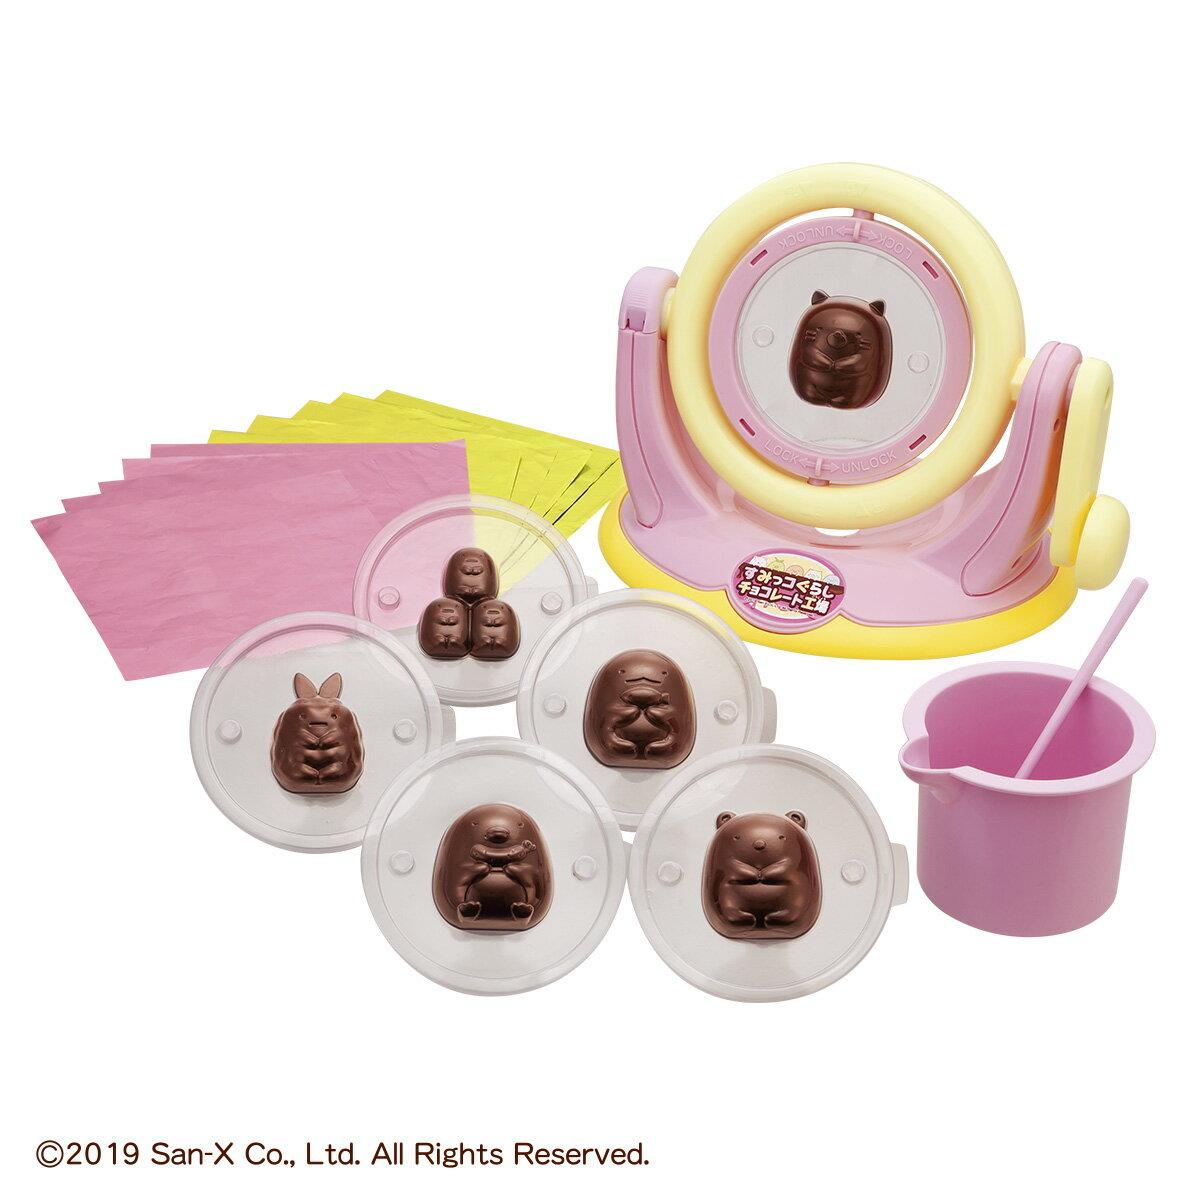 くるくるチョコレート工場 すみっコぐらし チョコレート工場